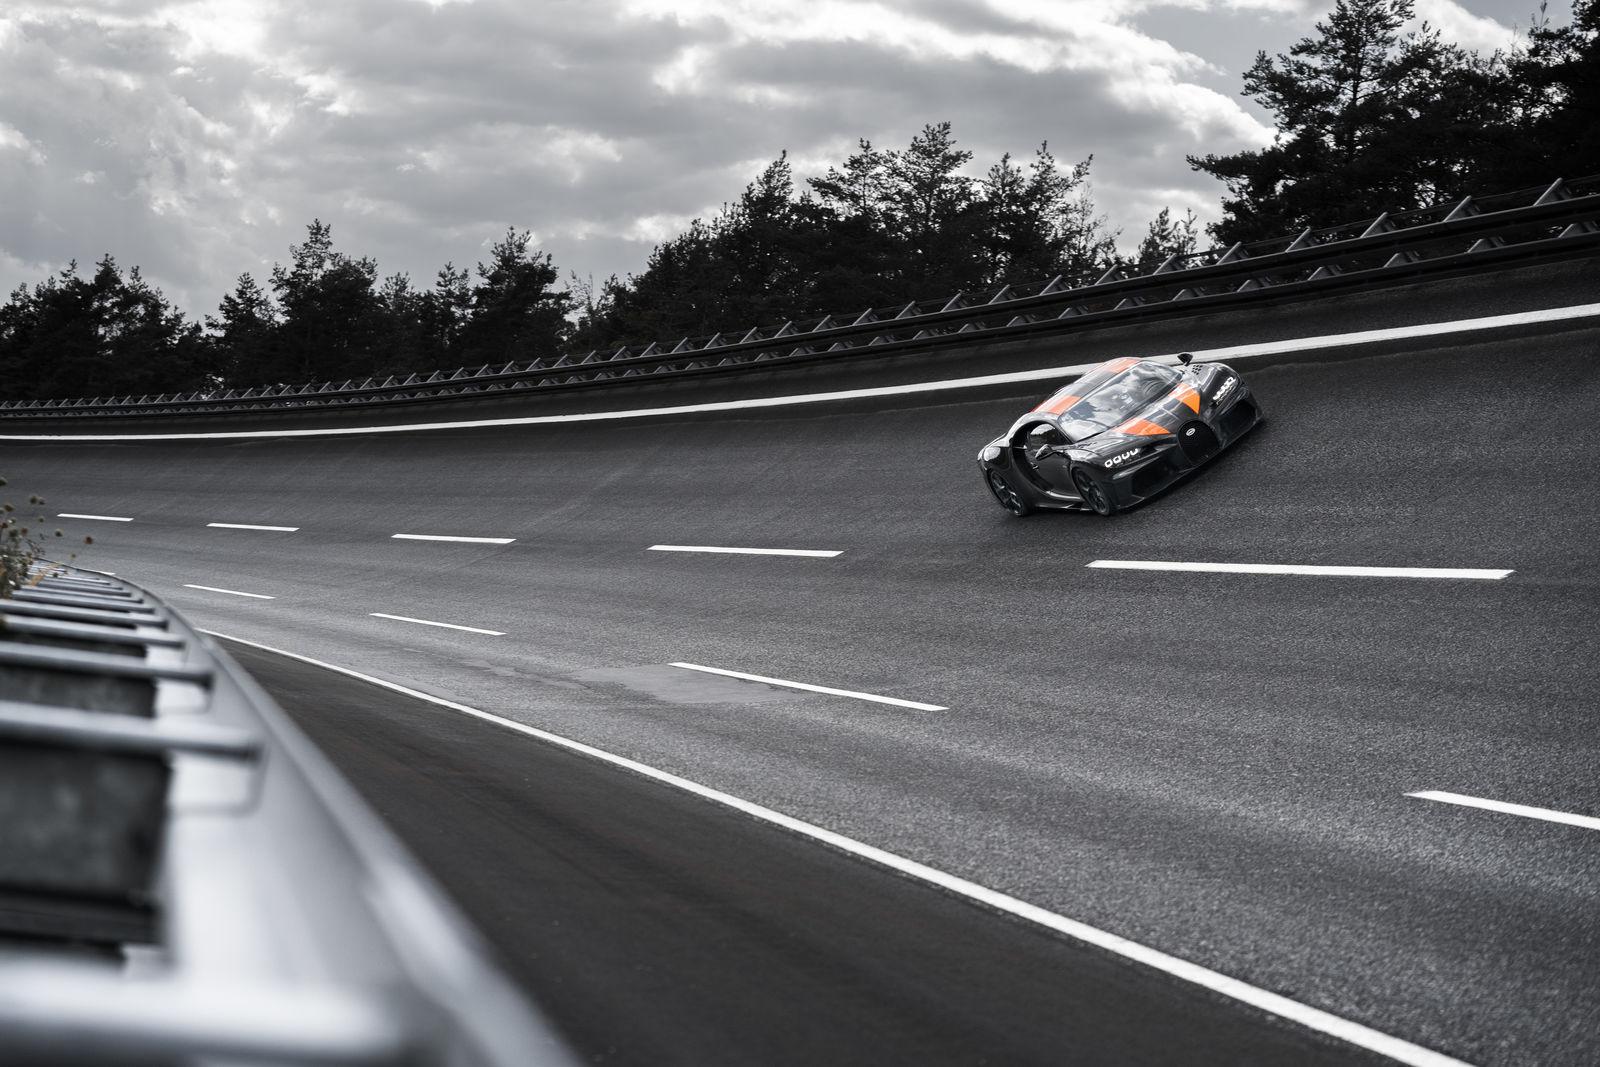 Bugatti Chiron up the bank